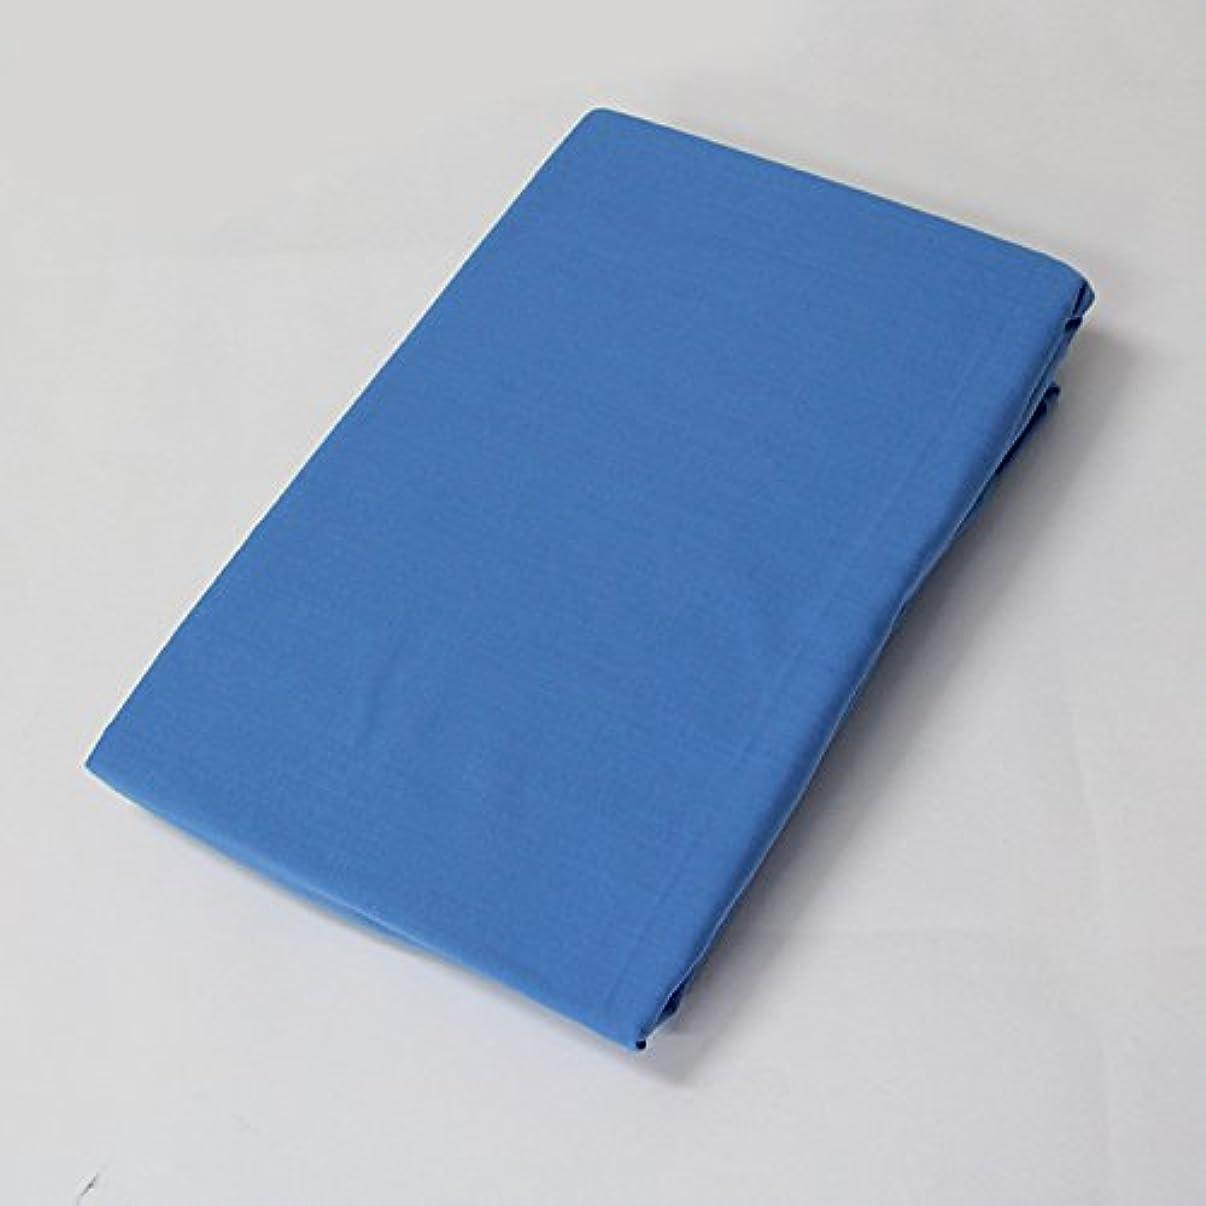 うぬぼれ刑務所包括的【オリジナル無地カラー】枕カバー(43×63cm) ブルー 新生活寝具